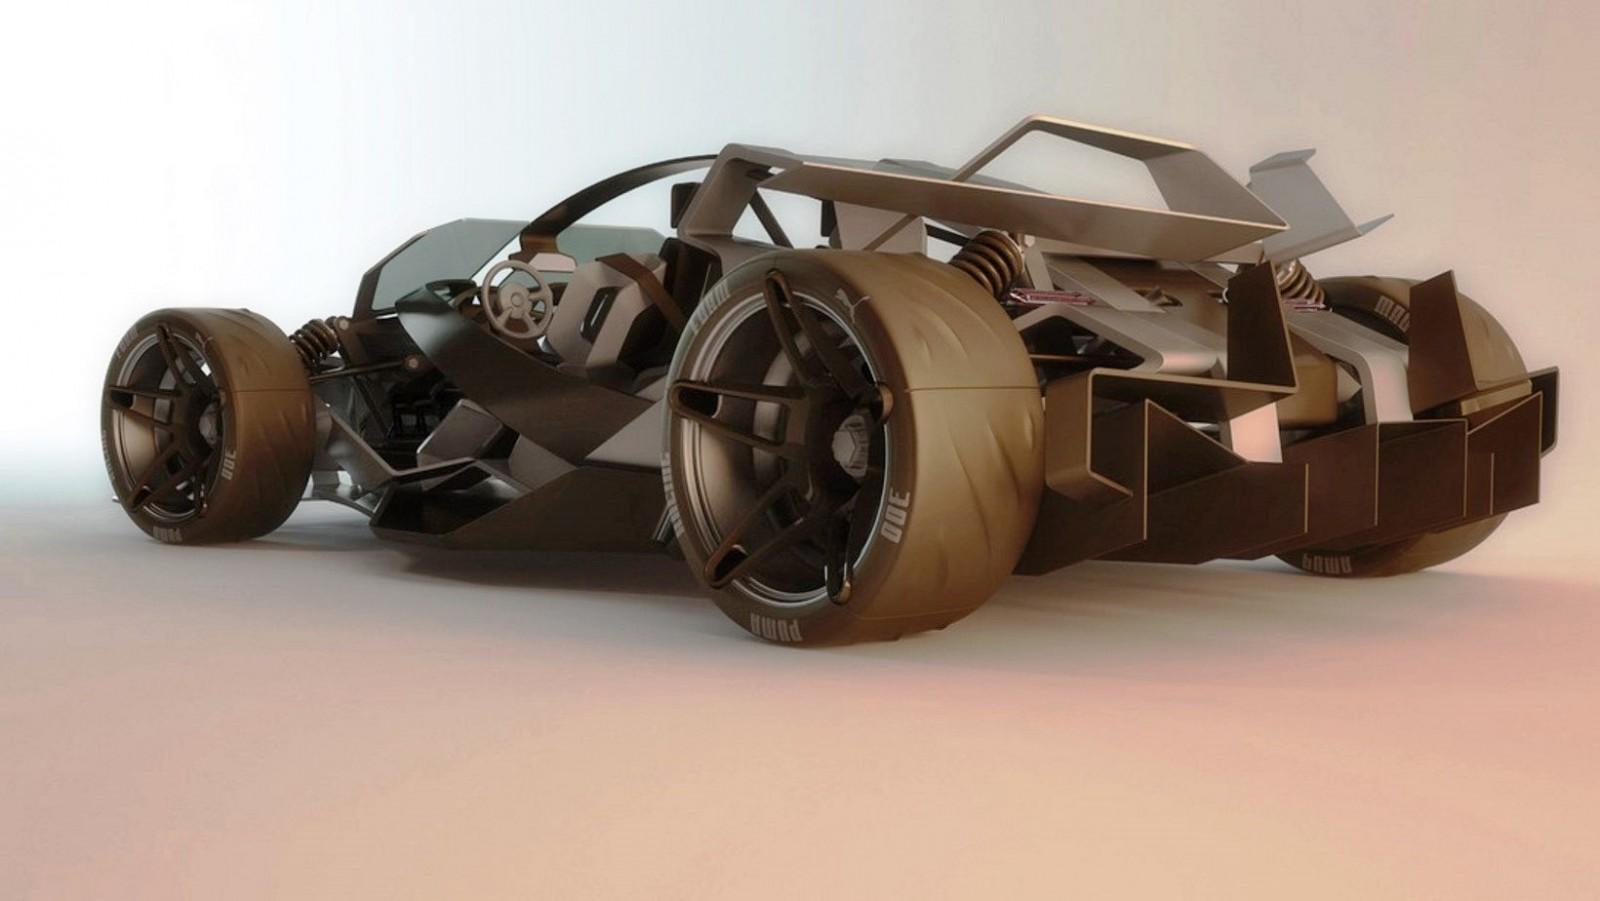 2020 Puma Boulevard Racer by Sabino Leerentveld 18